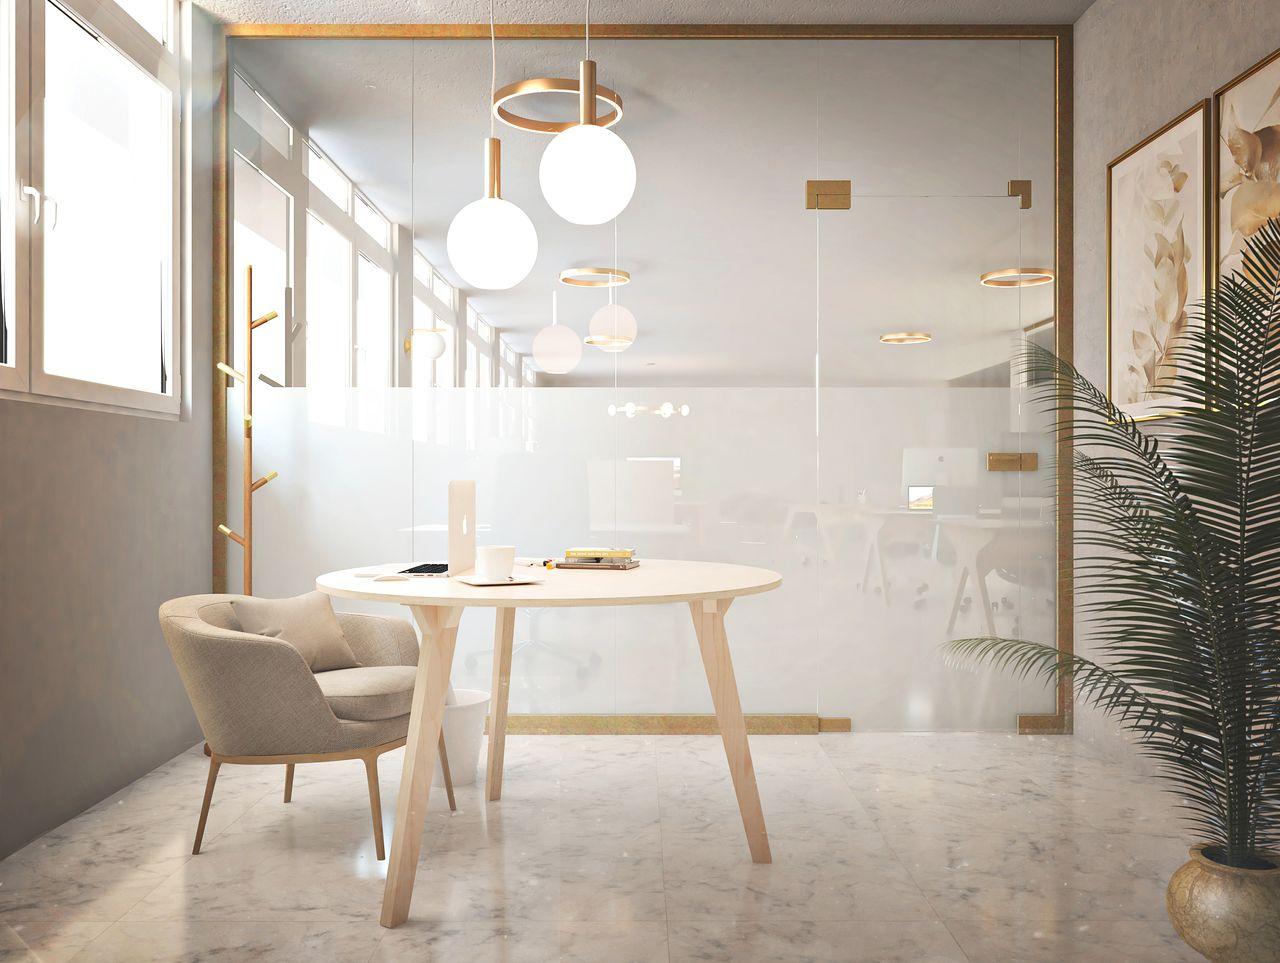 table pour salle de réunion au style contemporain avec des tons blancs et dorés et une plante verte